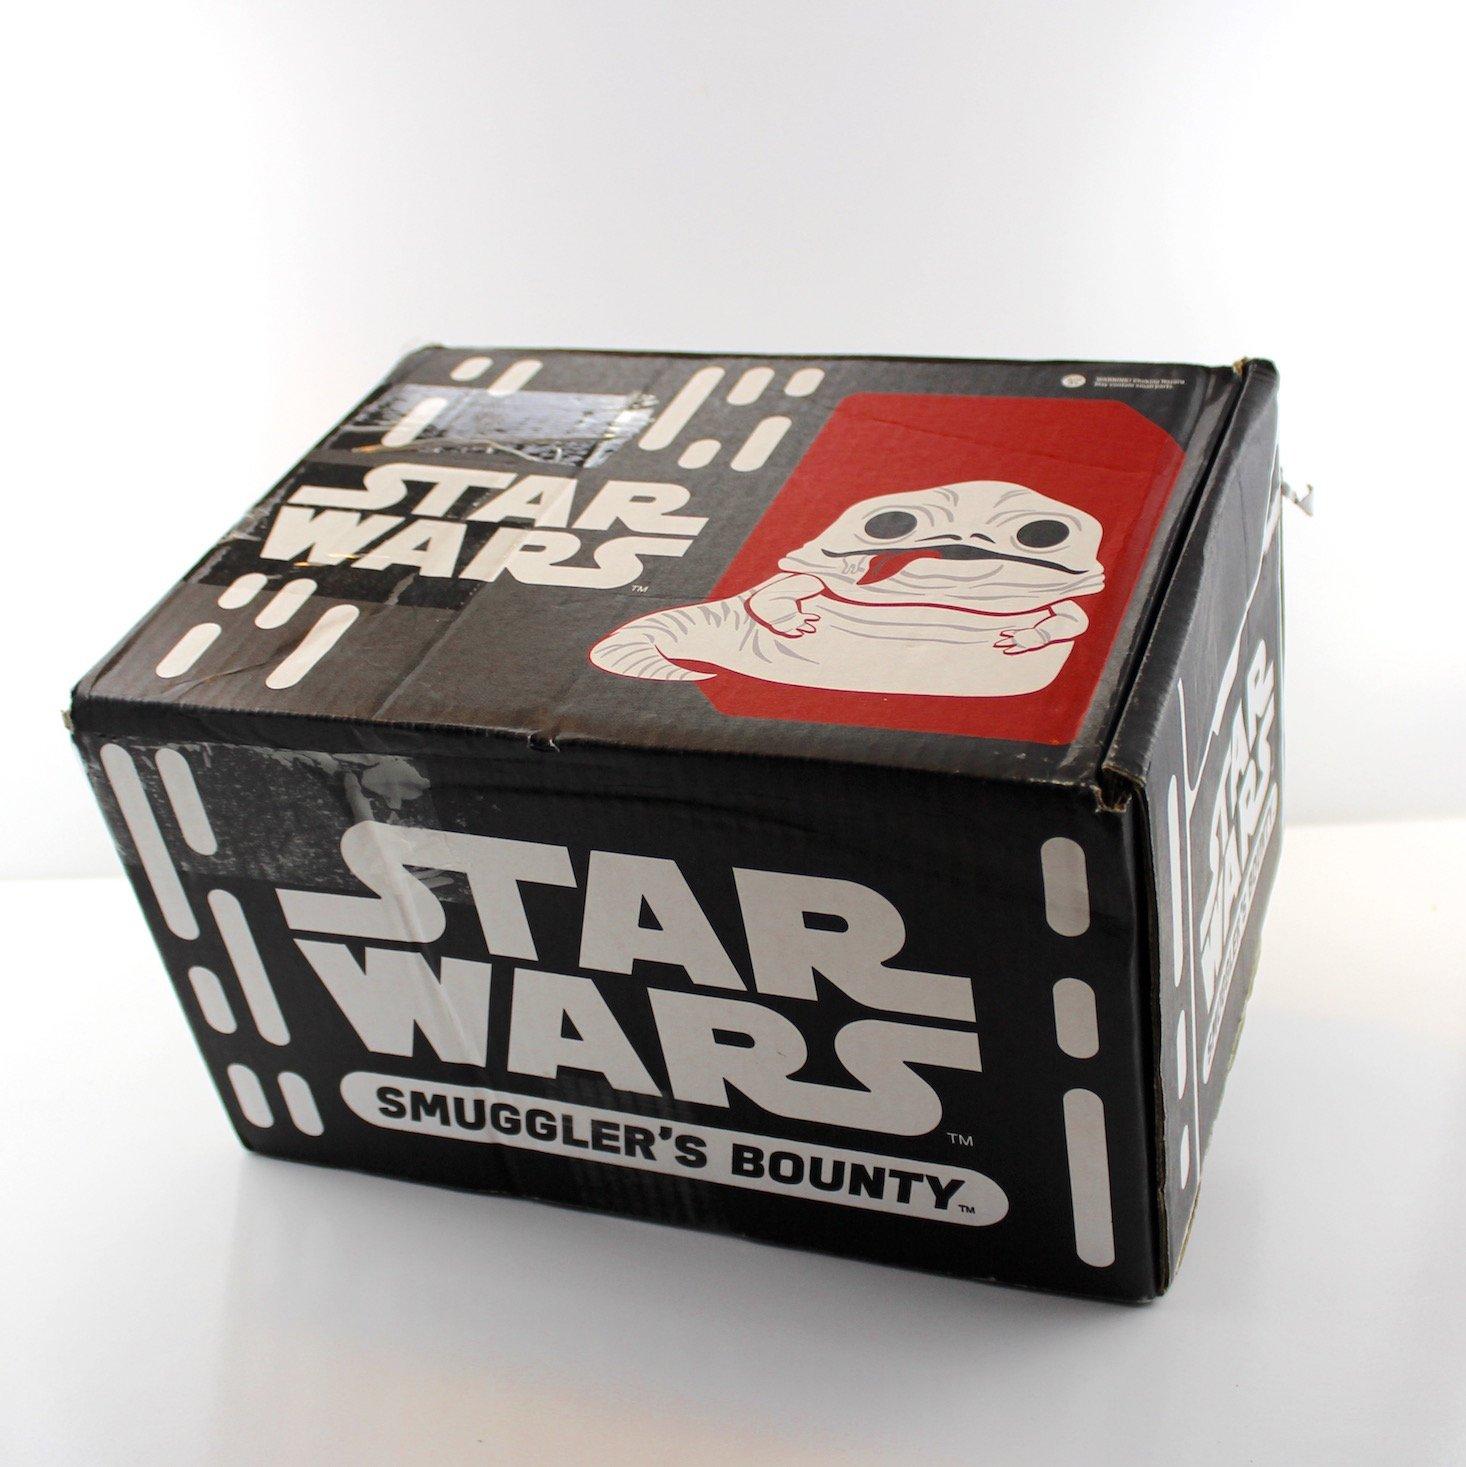 Star Wars Smuggler's Bounty Subscription Box Review Jabba's Palace - box